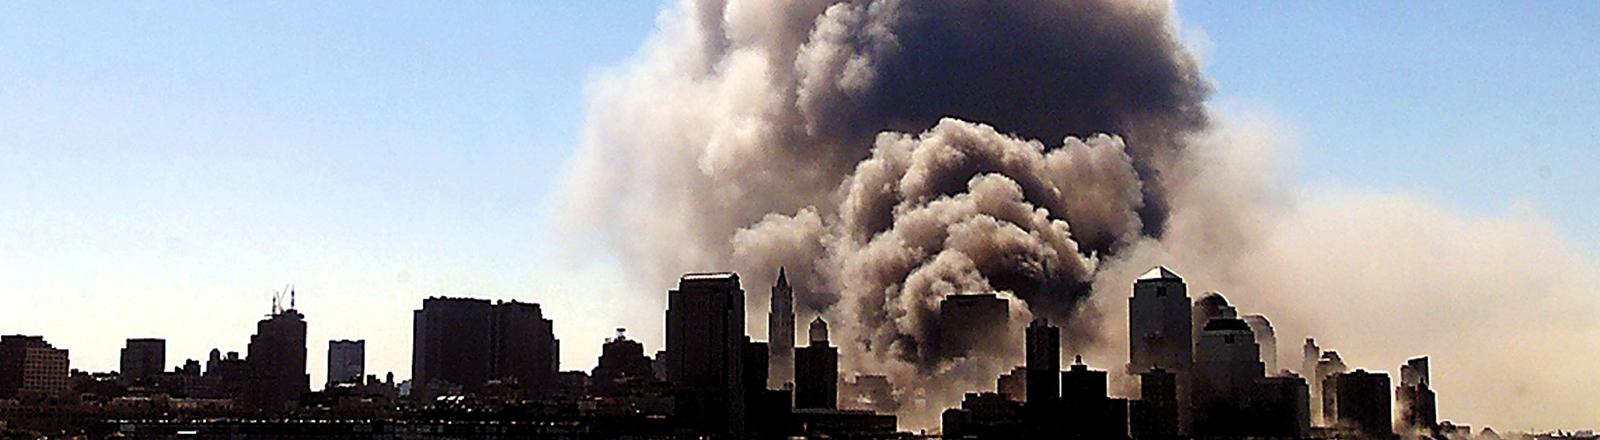 Staubwolken am 11. September in New York